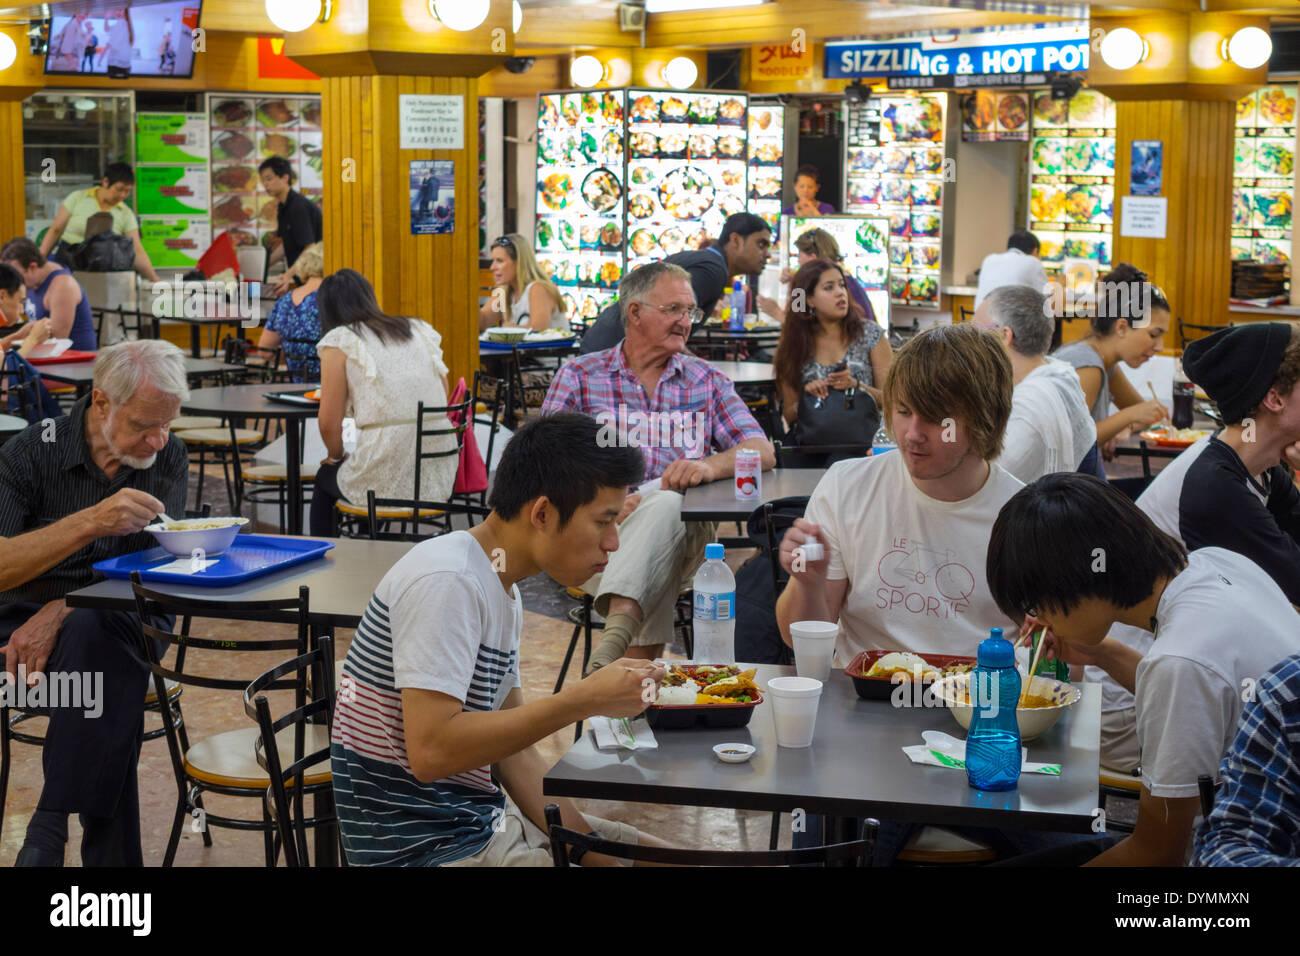 Sydney Australien NSW neue South Wales Haymarket Dixon Street Dixon Haus Food Court asiatischen Mann Freunde-dining-Restaurant Essen Stockbild